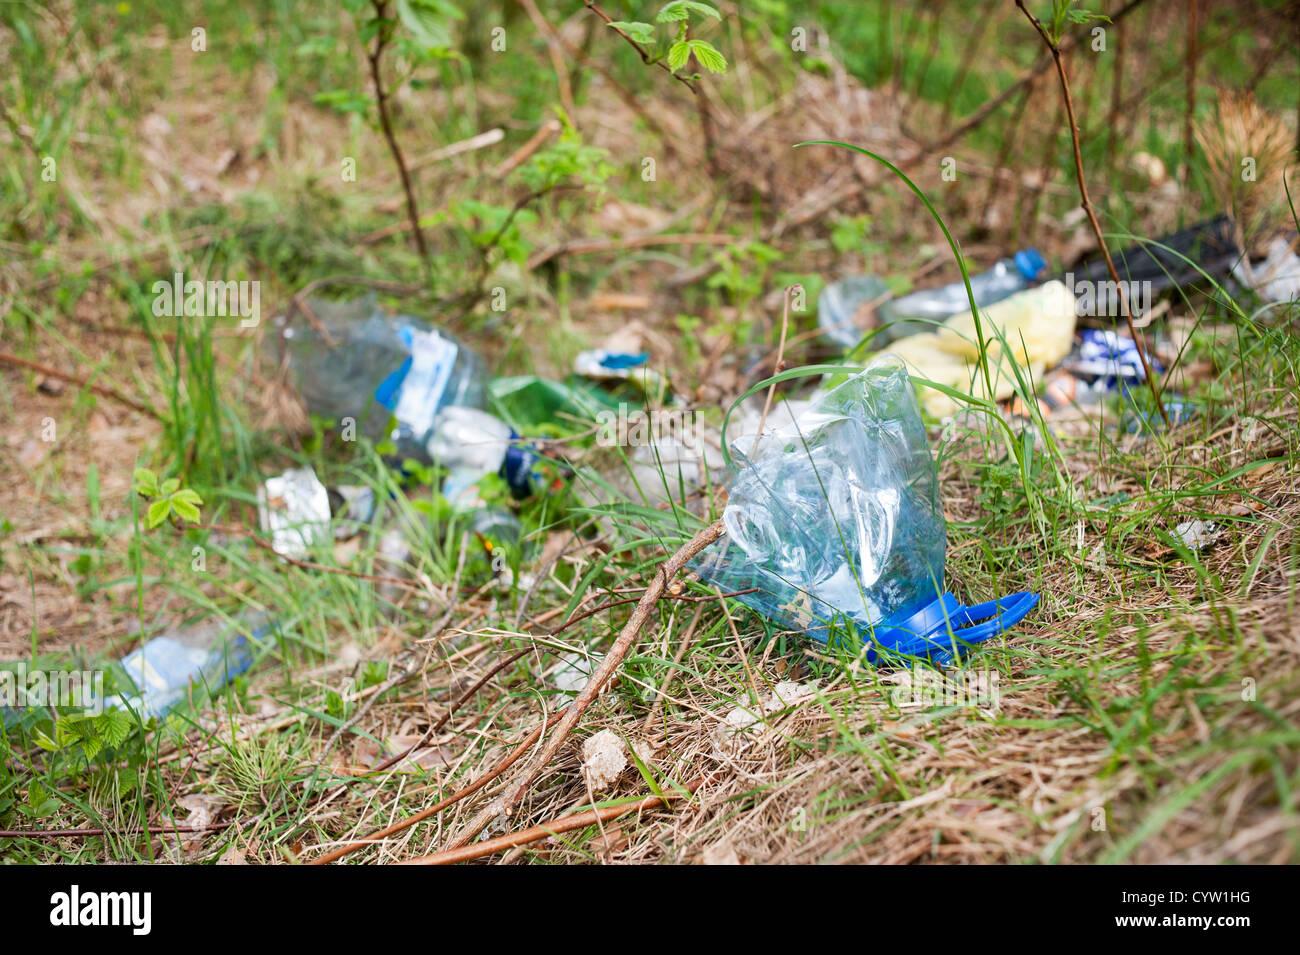 Diffusione illegale di rifiuti in erba, blu bottiglia di plastica dump Immagini Stock